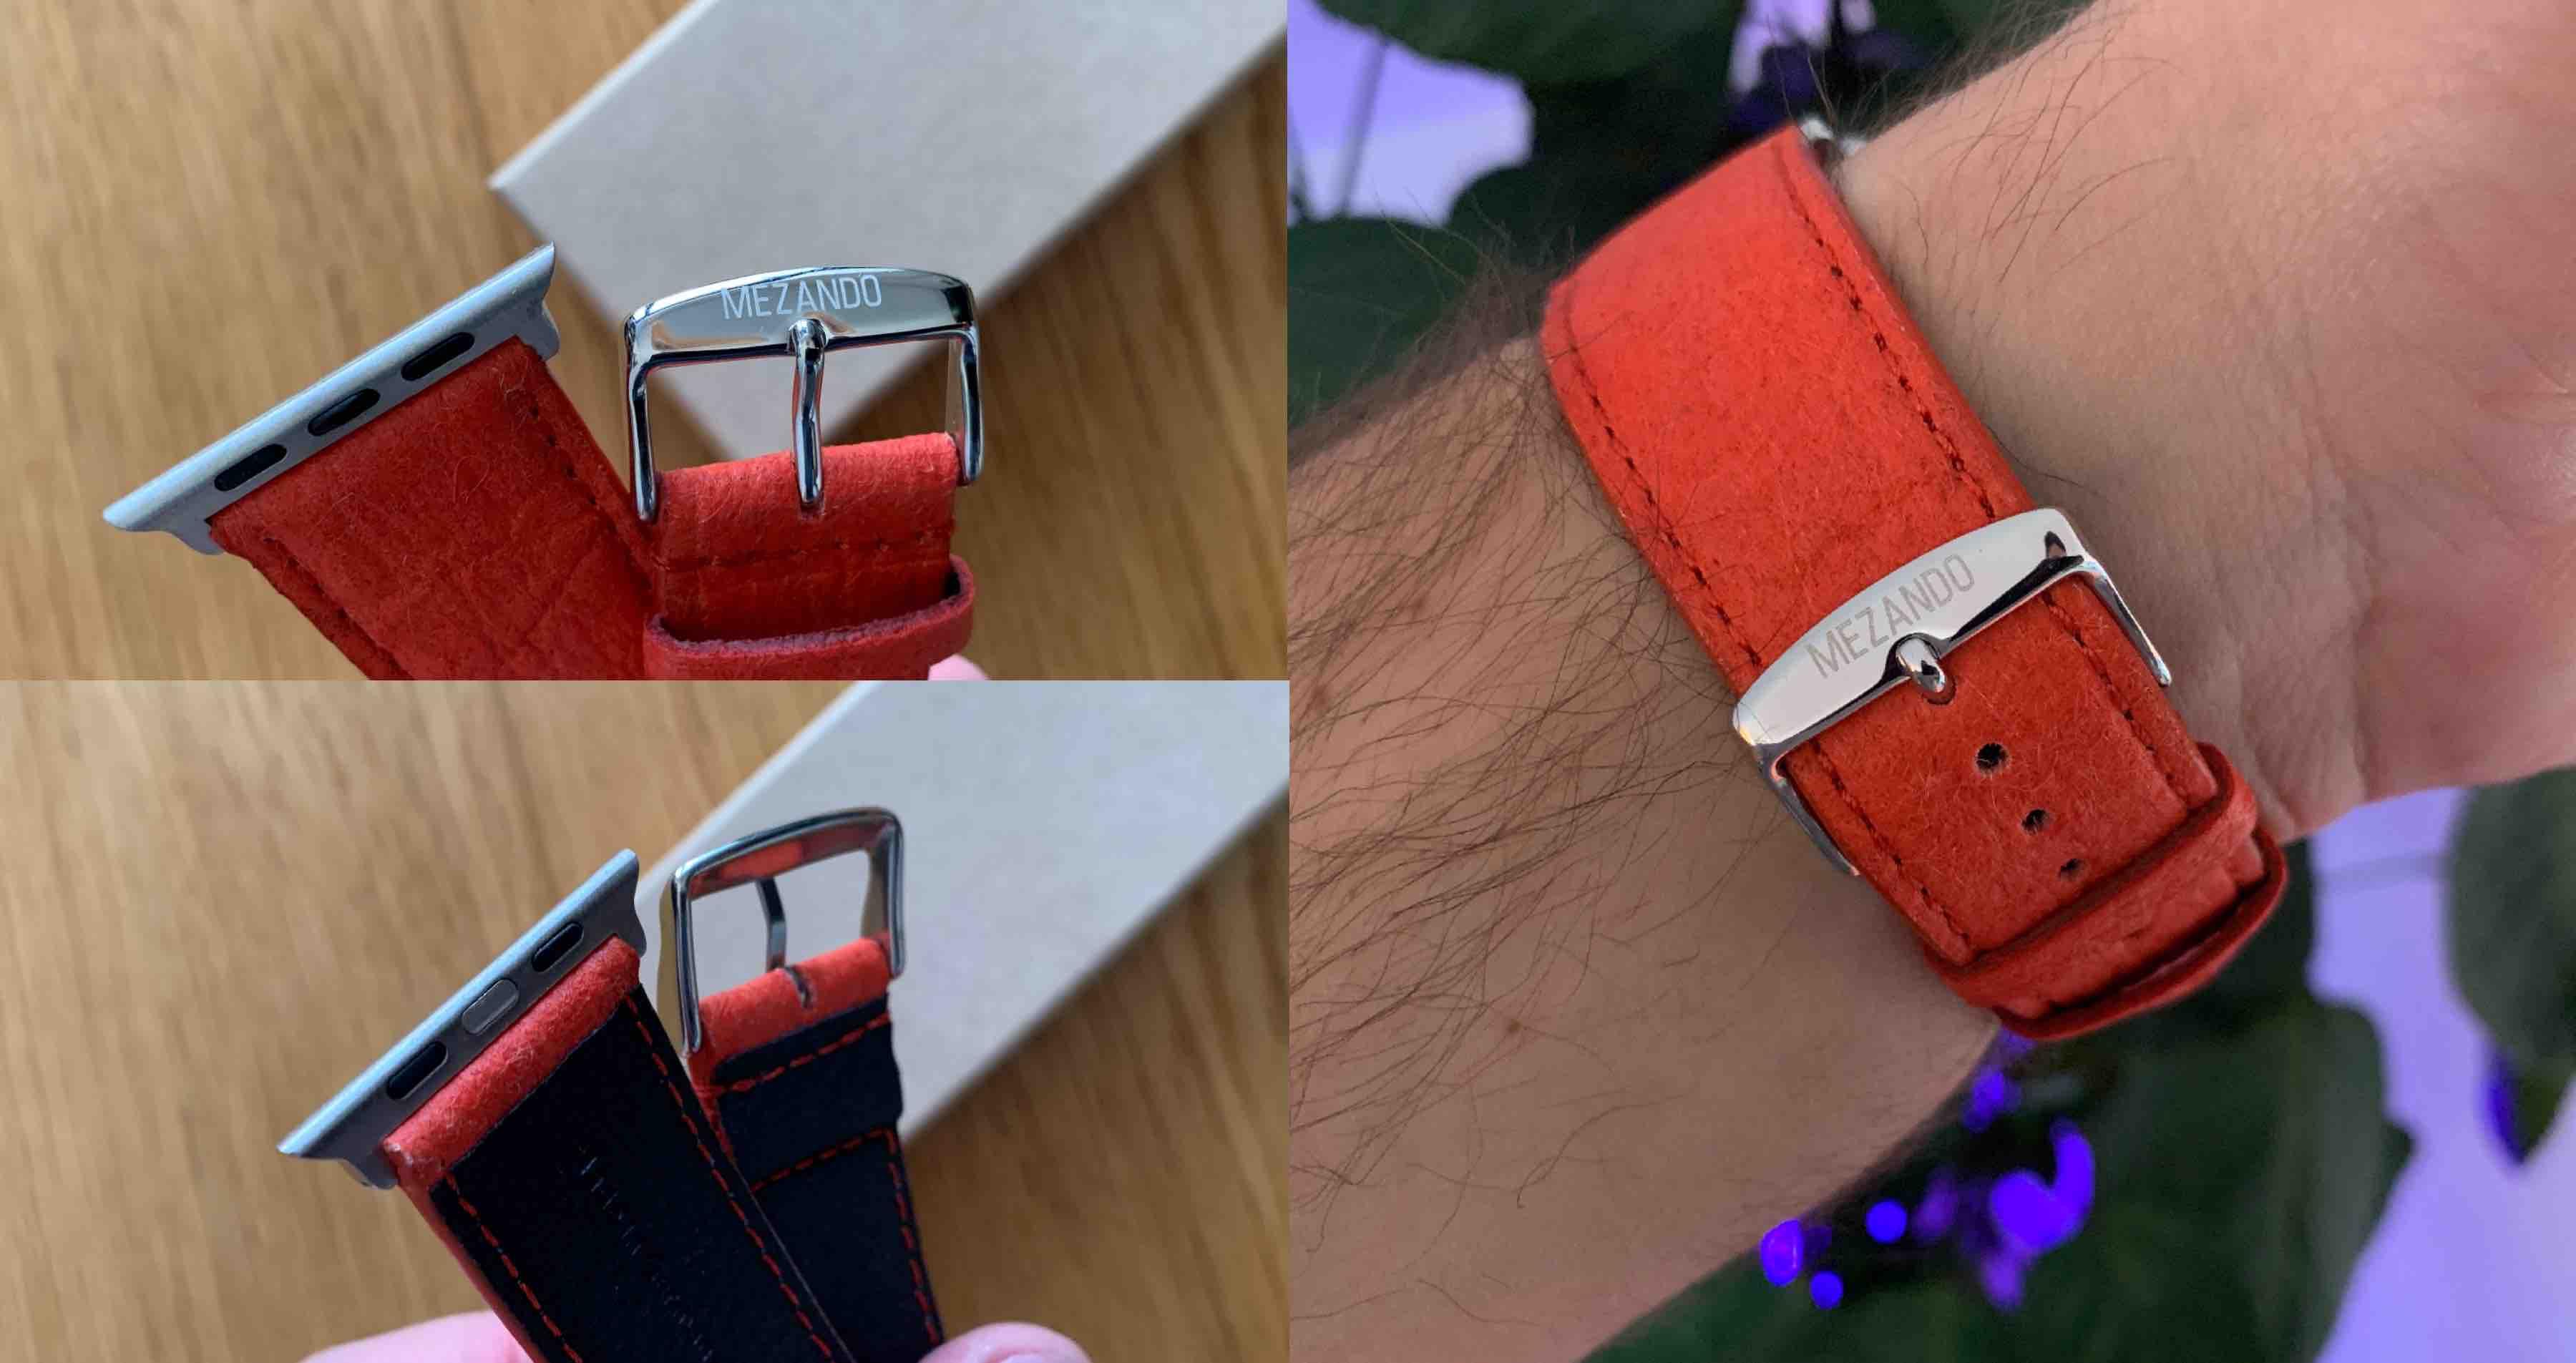 Mezando_Apple_Watch_Watchband_Armband_Uhrenband_Review2 Armbänder für die Apple Watch von Mezando - Ananasfasern statt Leder